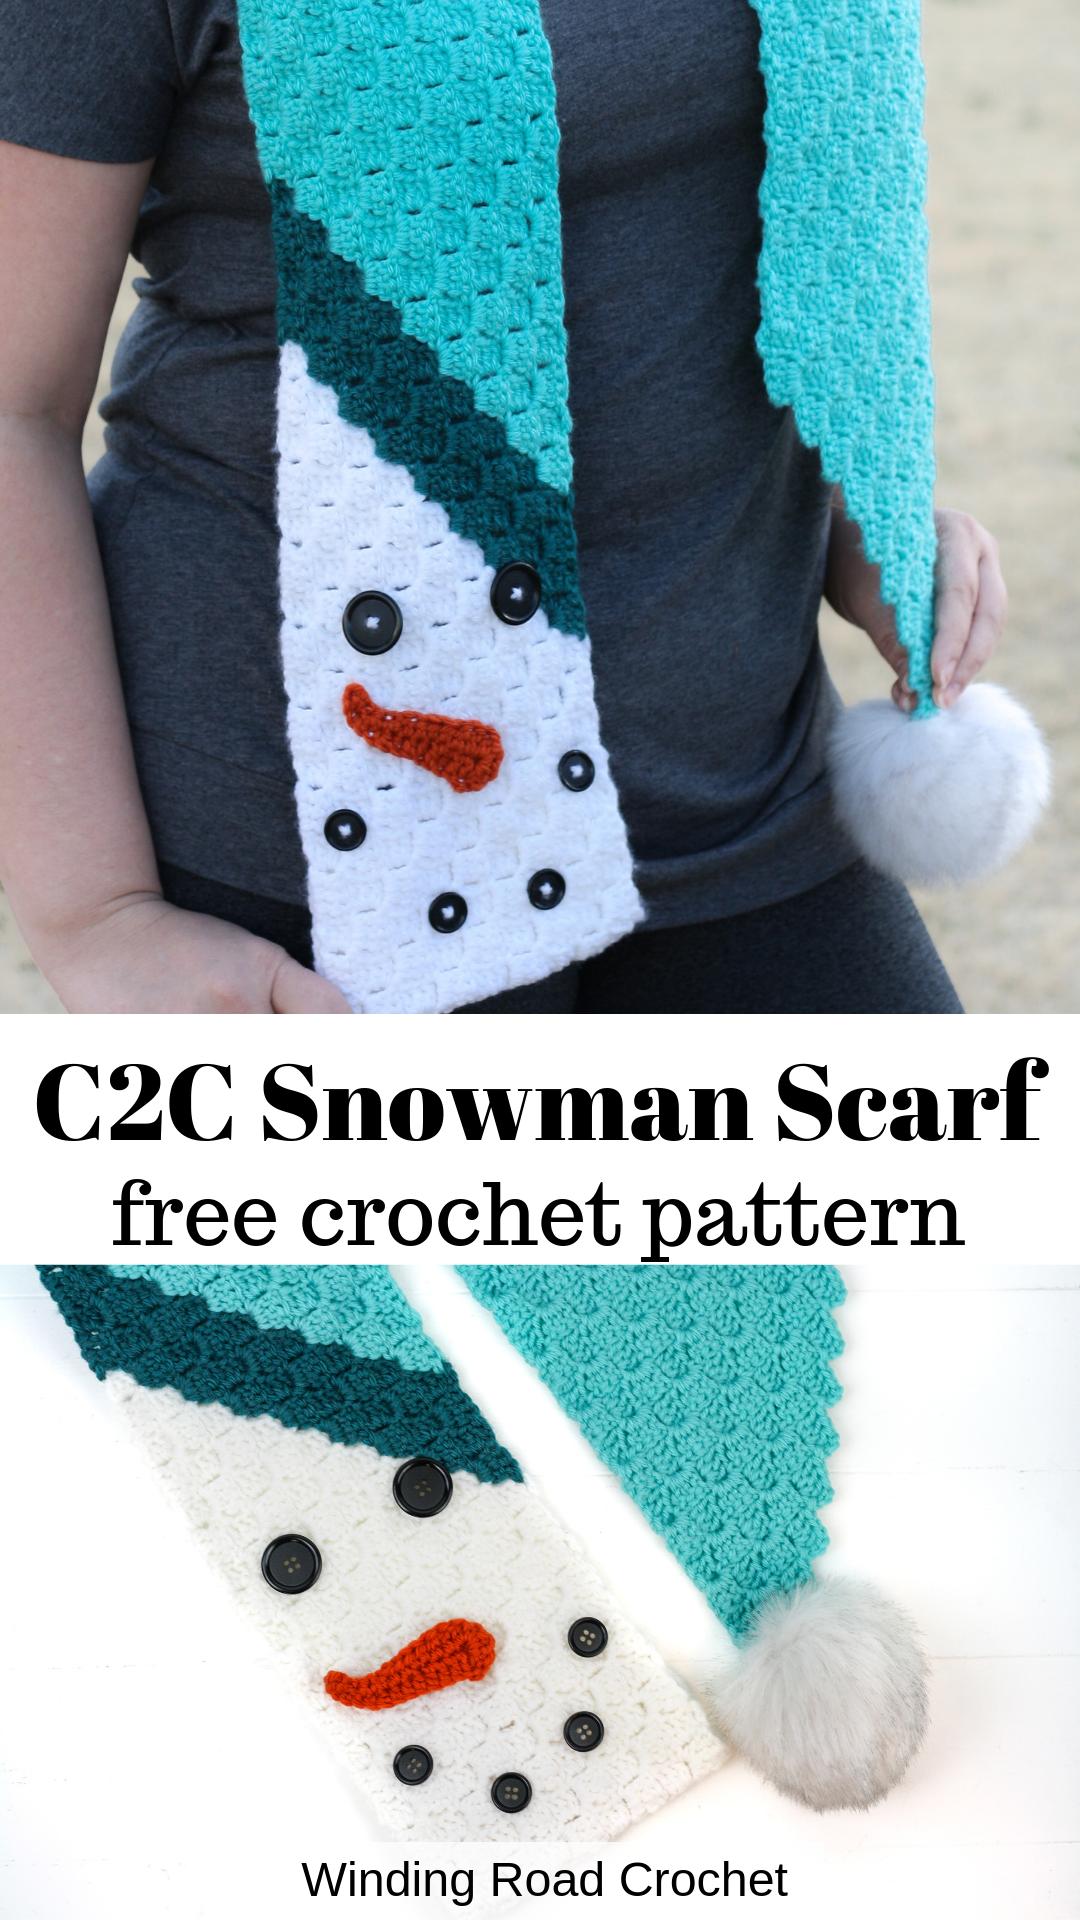 C2C Snowman Scarf Free Crochet Pattern - Winding Road Crochet